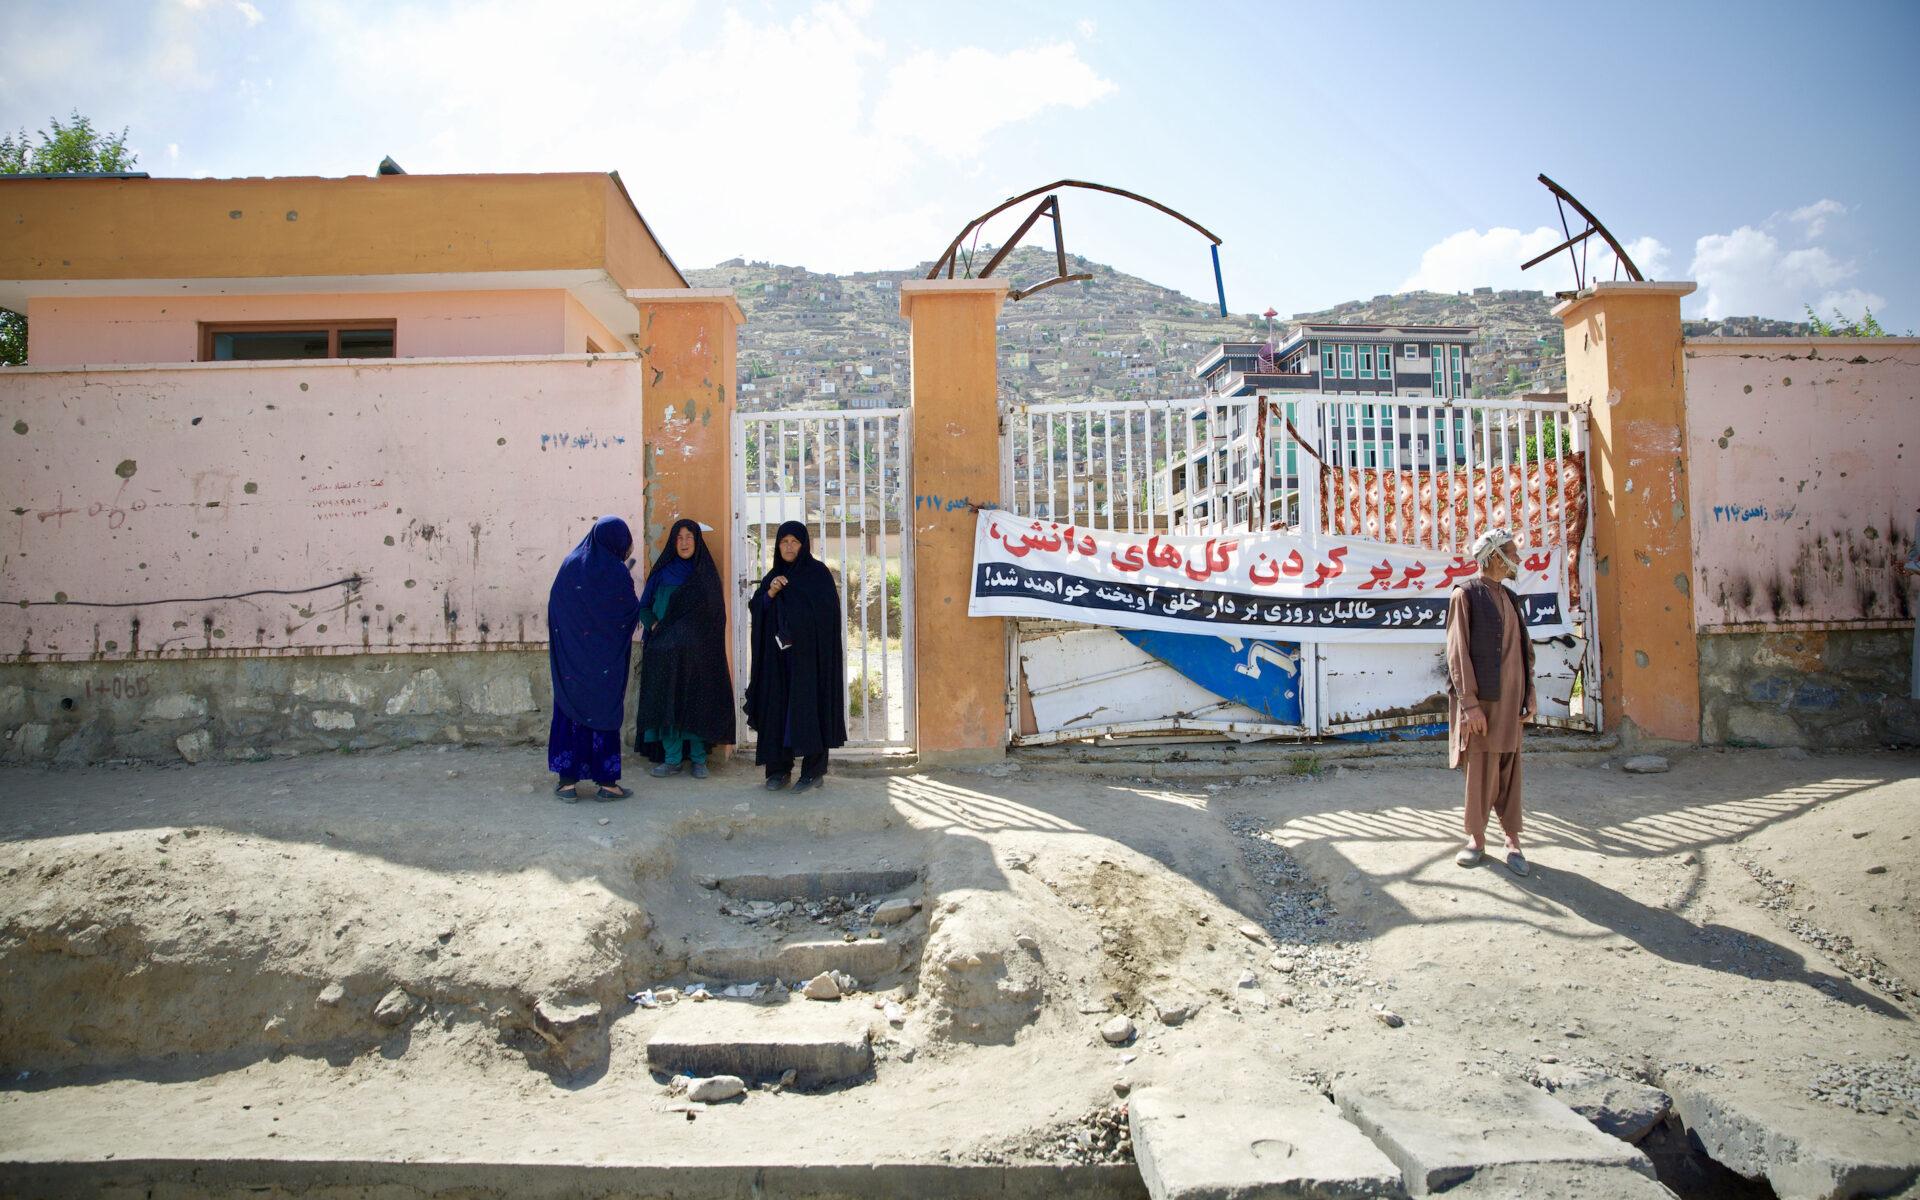 Utanför den skola som sprängts står mödrarna till flera av de skadade barnen